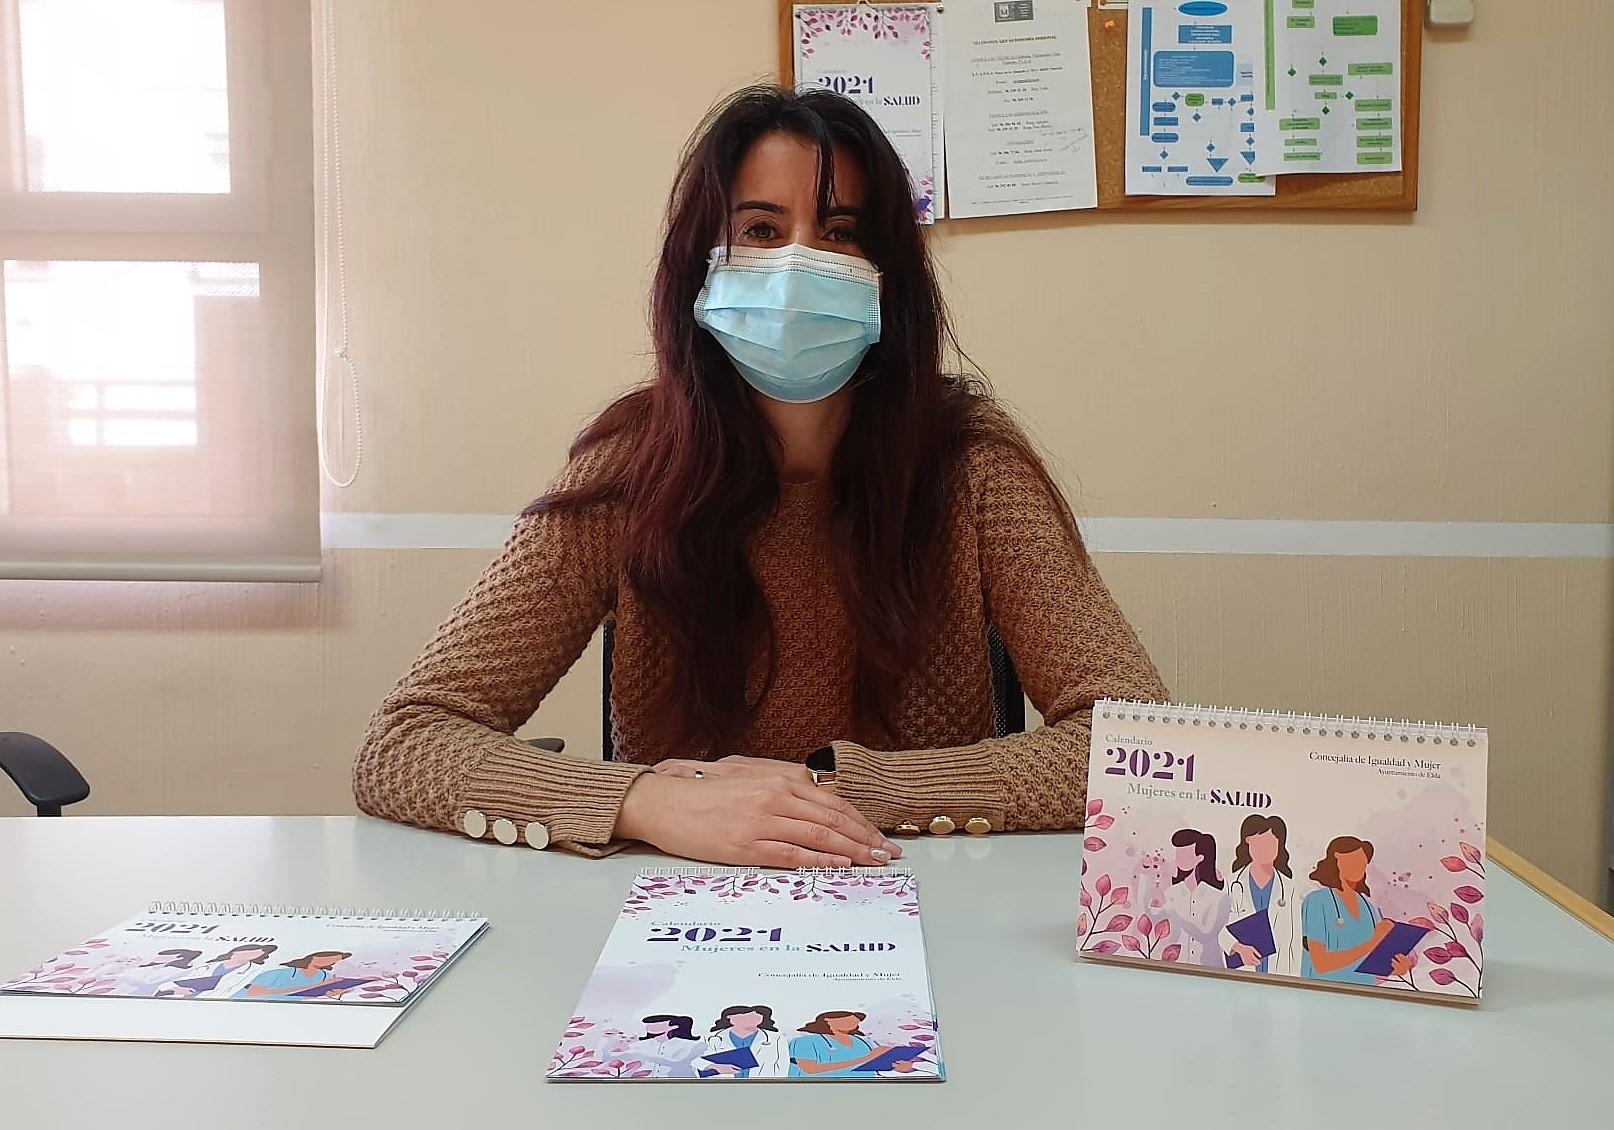 La Concejalía de Igualdad lanza un calendario para 2021 con el objetivo de dar visibilidad a las mujeres que trabajan en el ámbito sanitario